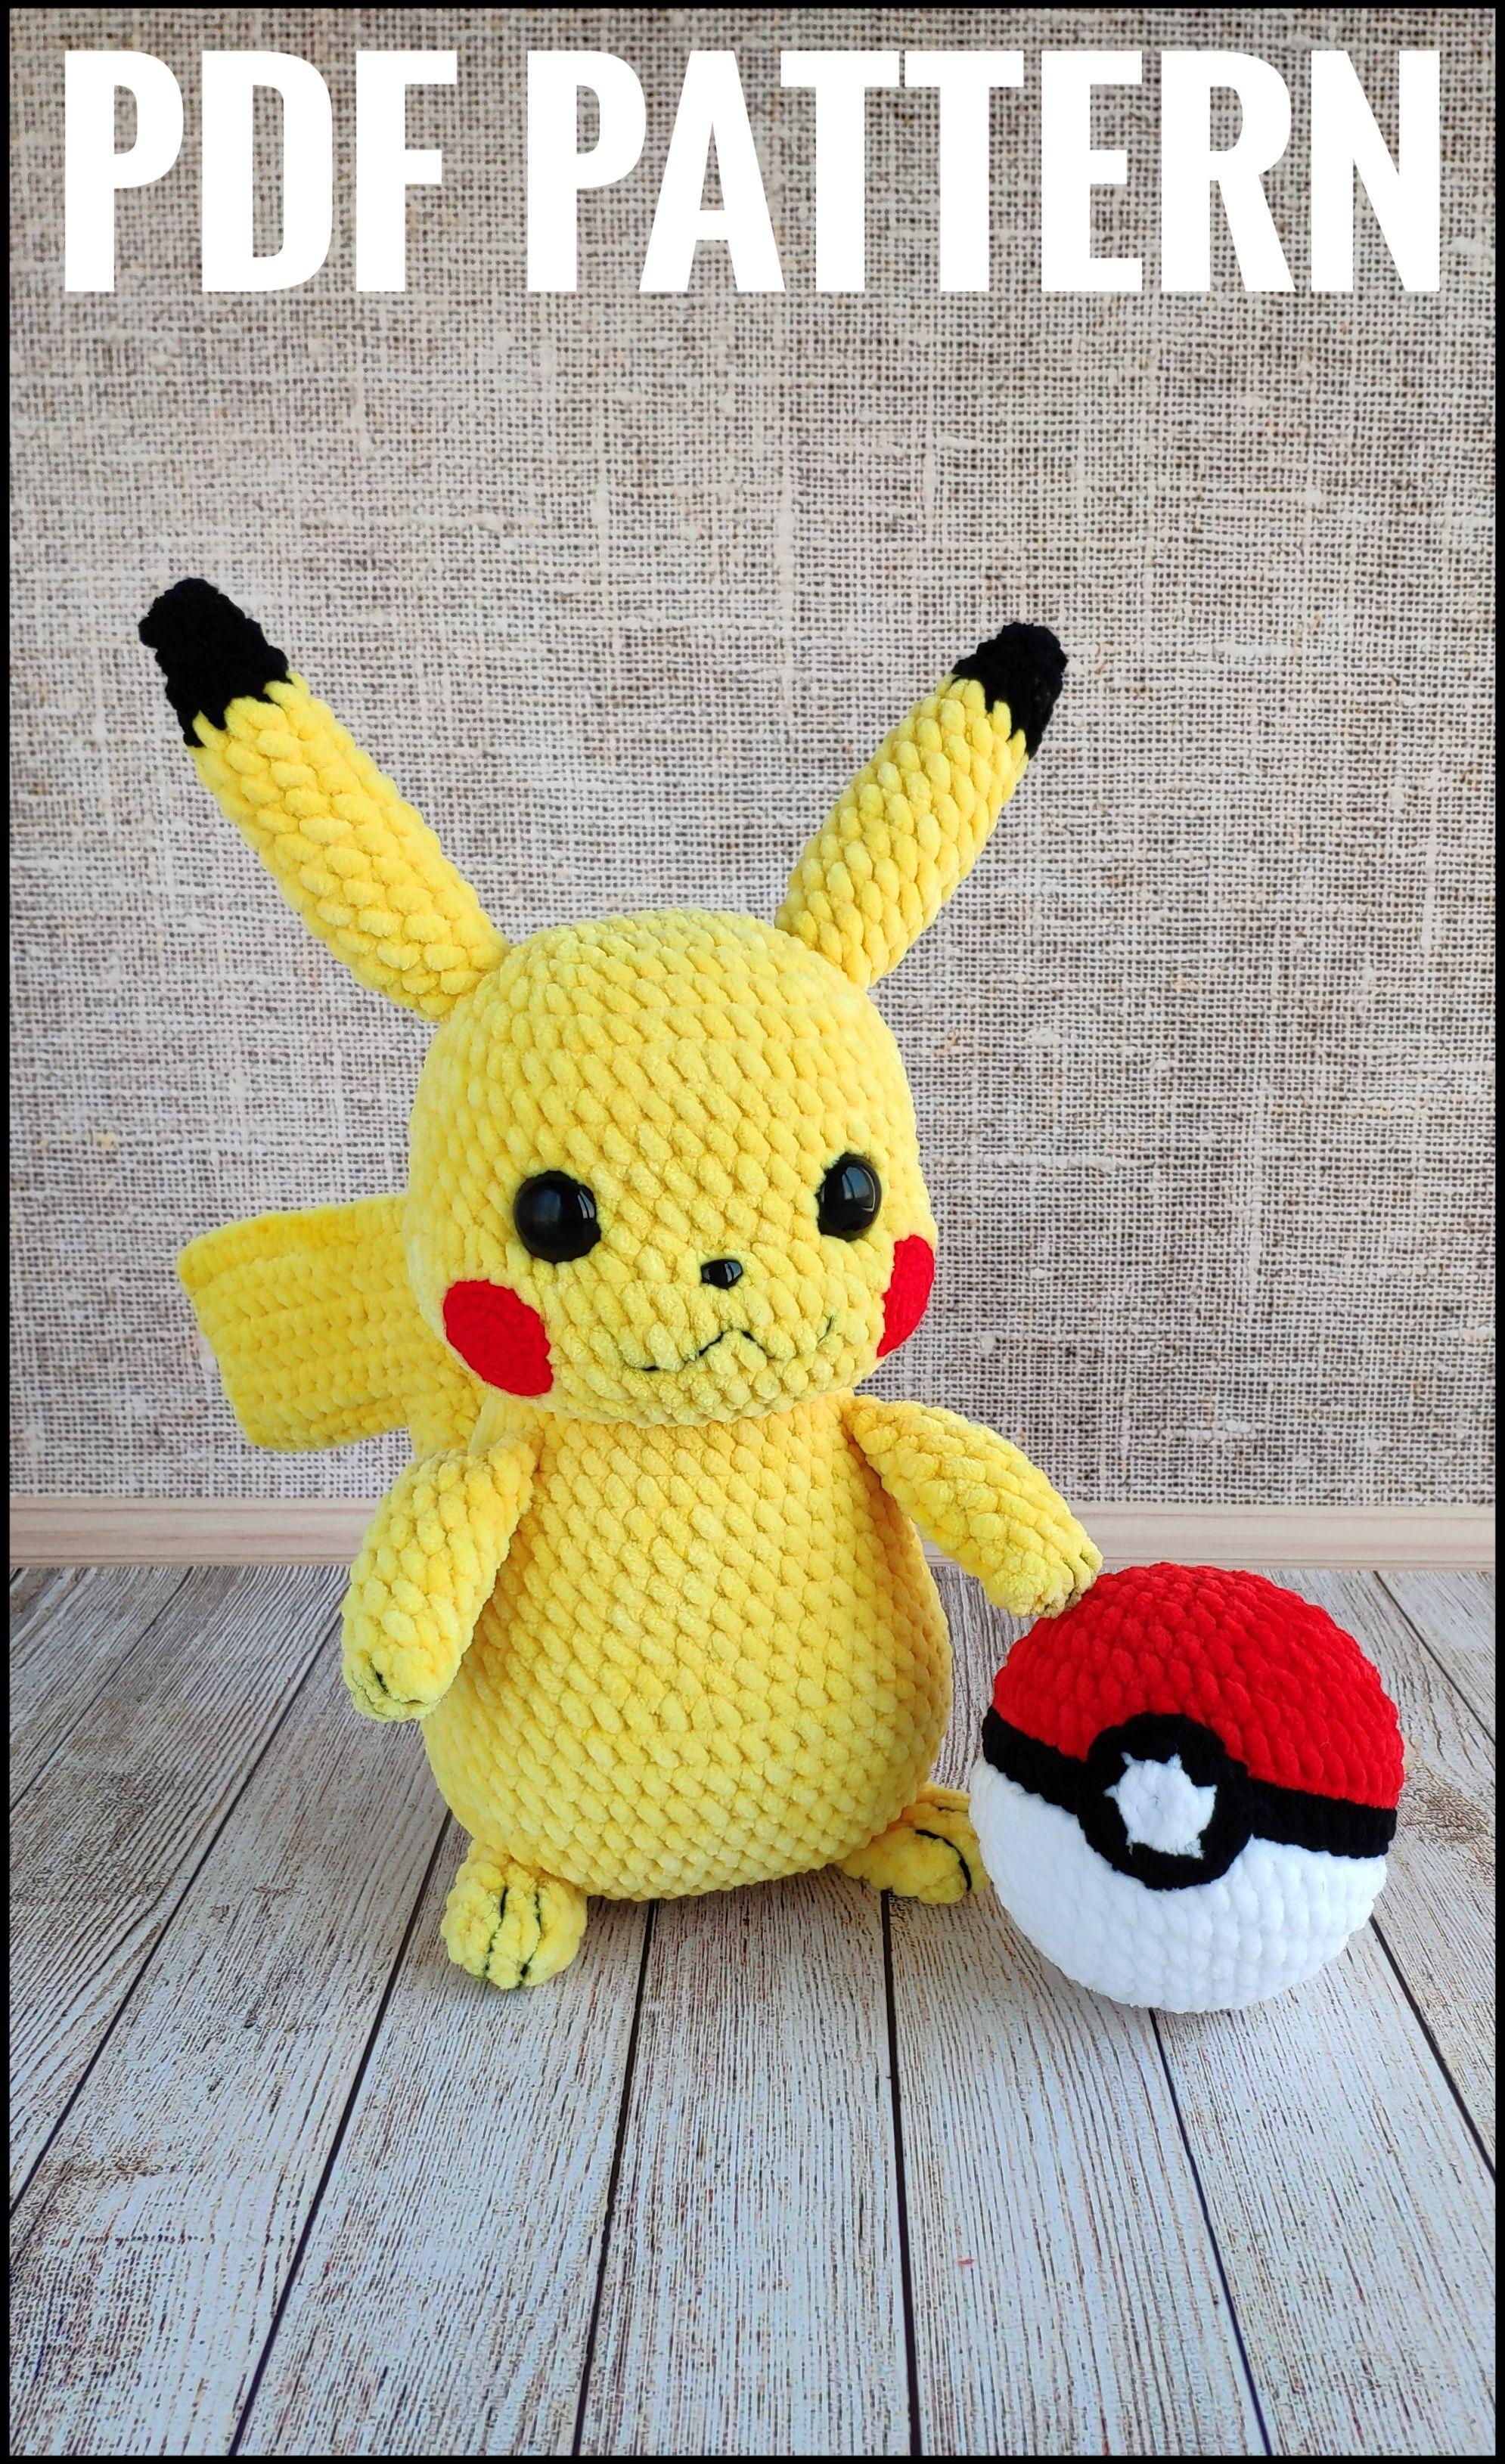 muster # amigurumi # pokemon # jamecrochet # häkeln | Kawaii ... | 3259x1990